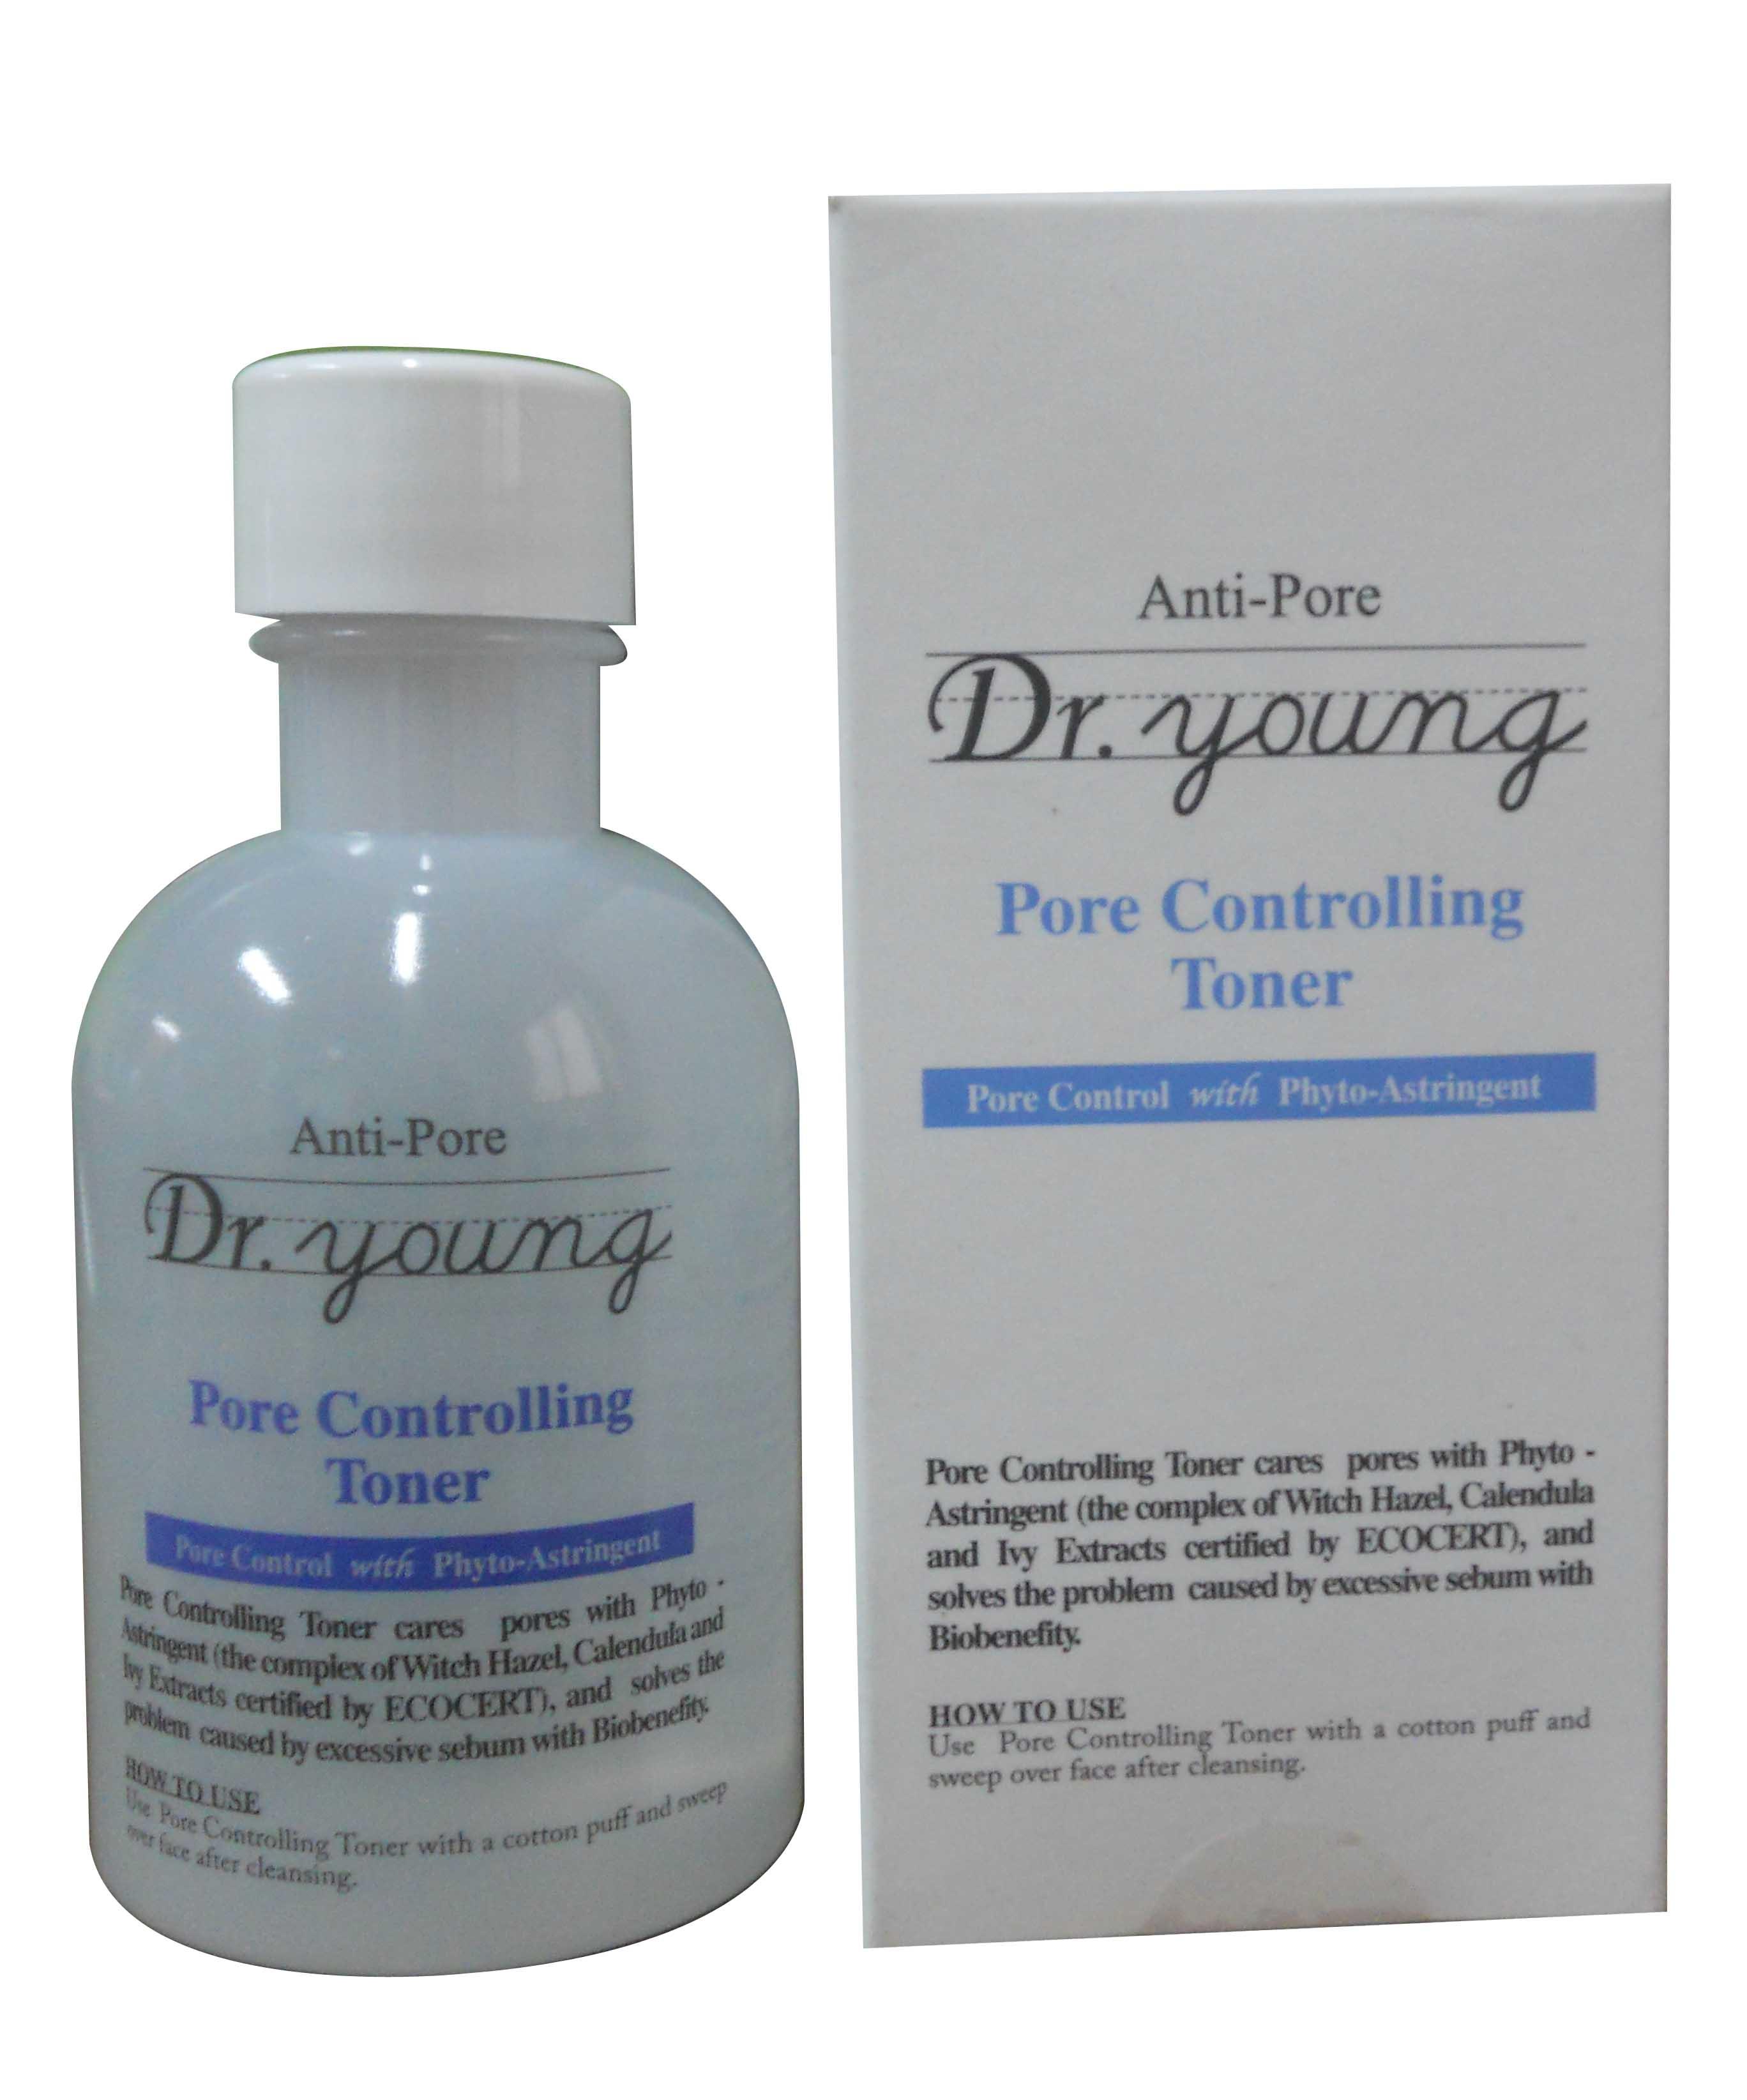 Anti-Pore (Pore Controlling Toner)